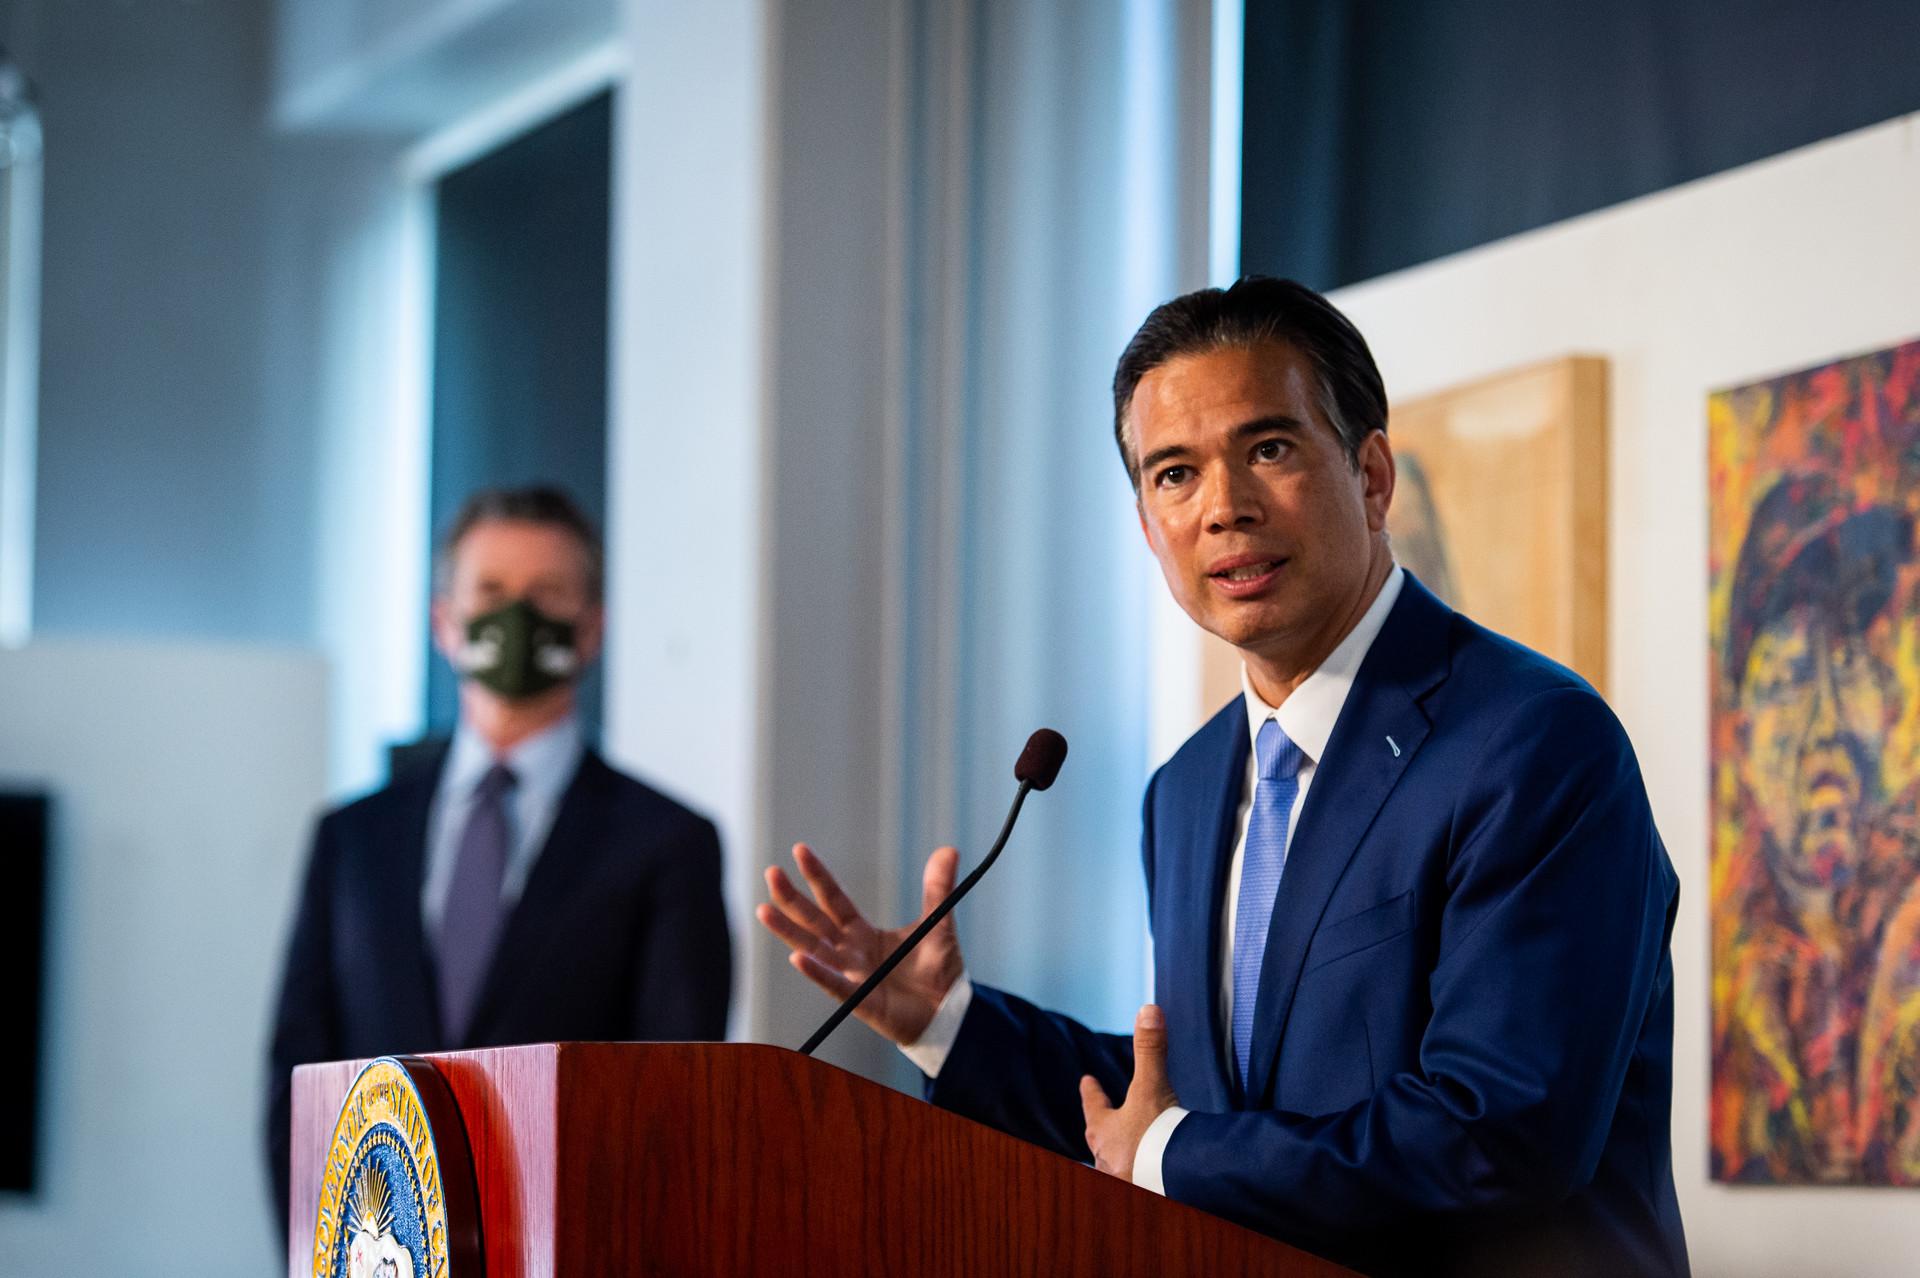 加州检察长邦塔发表首度公开演说,致力打击仇恨犯罪